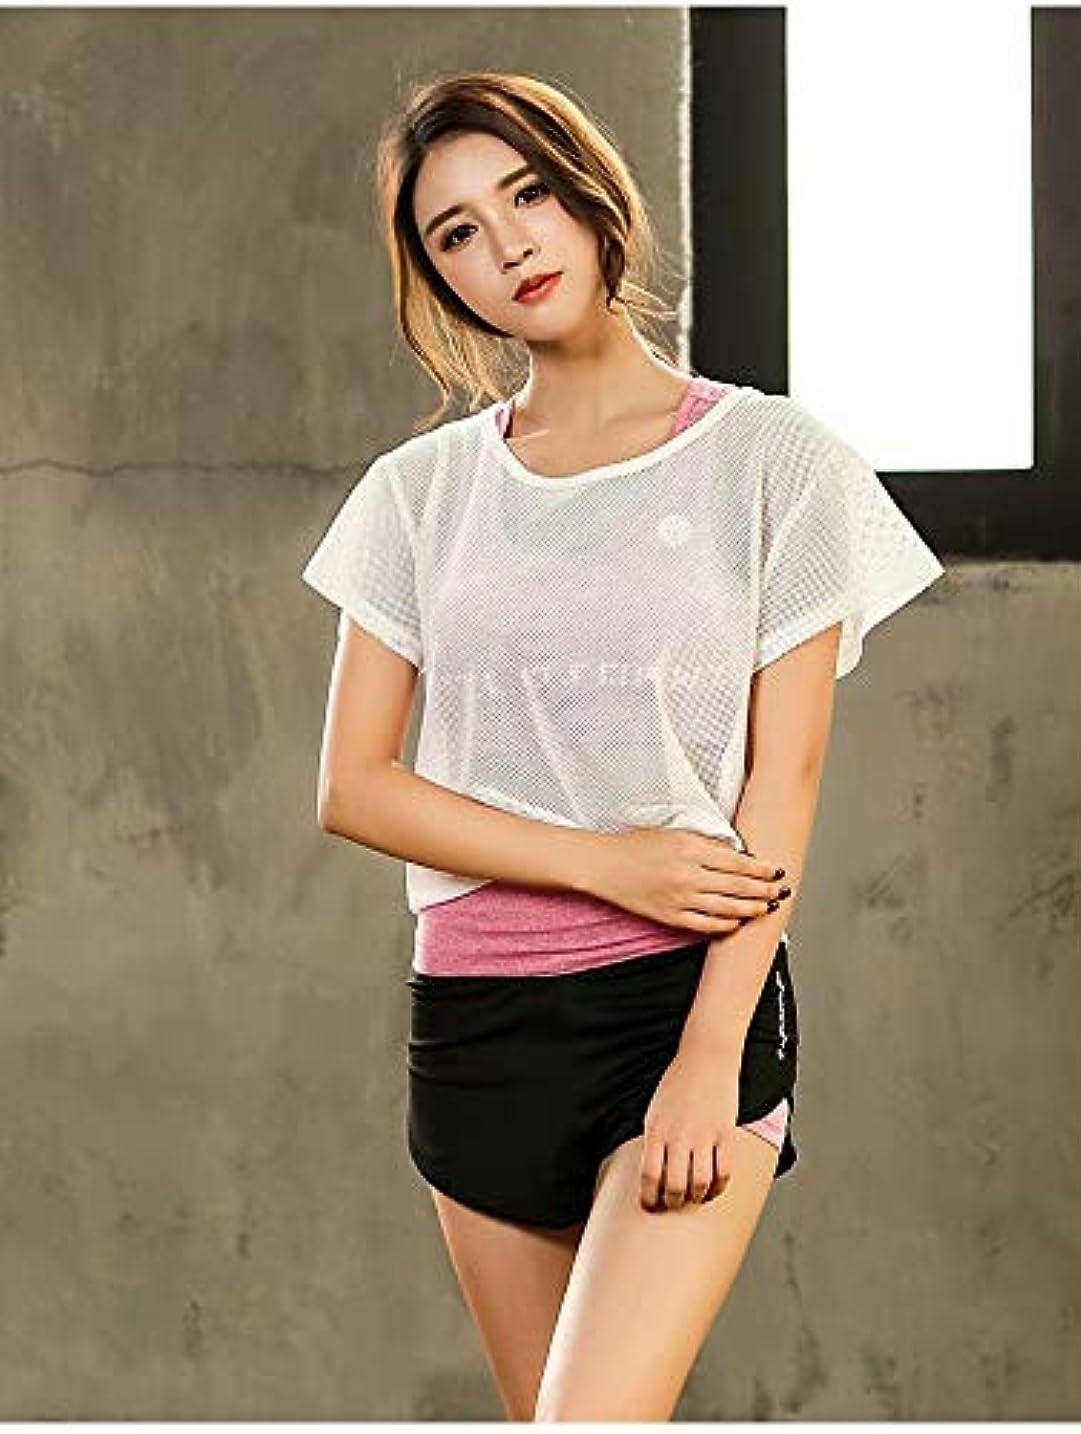 歩行者提唱する未使用XiZiMi フィットネスウェアセット 女性用スポーツウェアセット ヨガウェア3点セット 通気性メッシュ半袖ショーツ White-pink